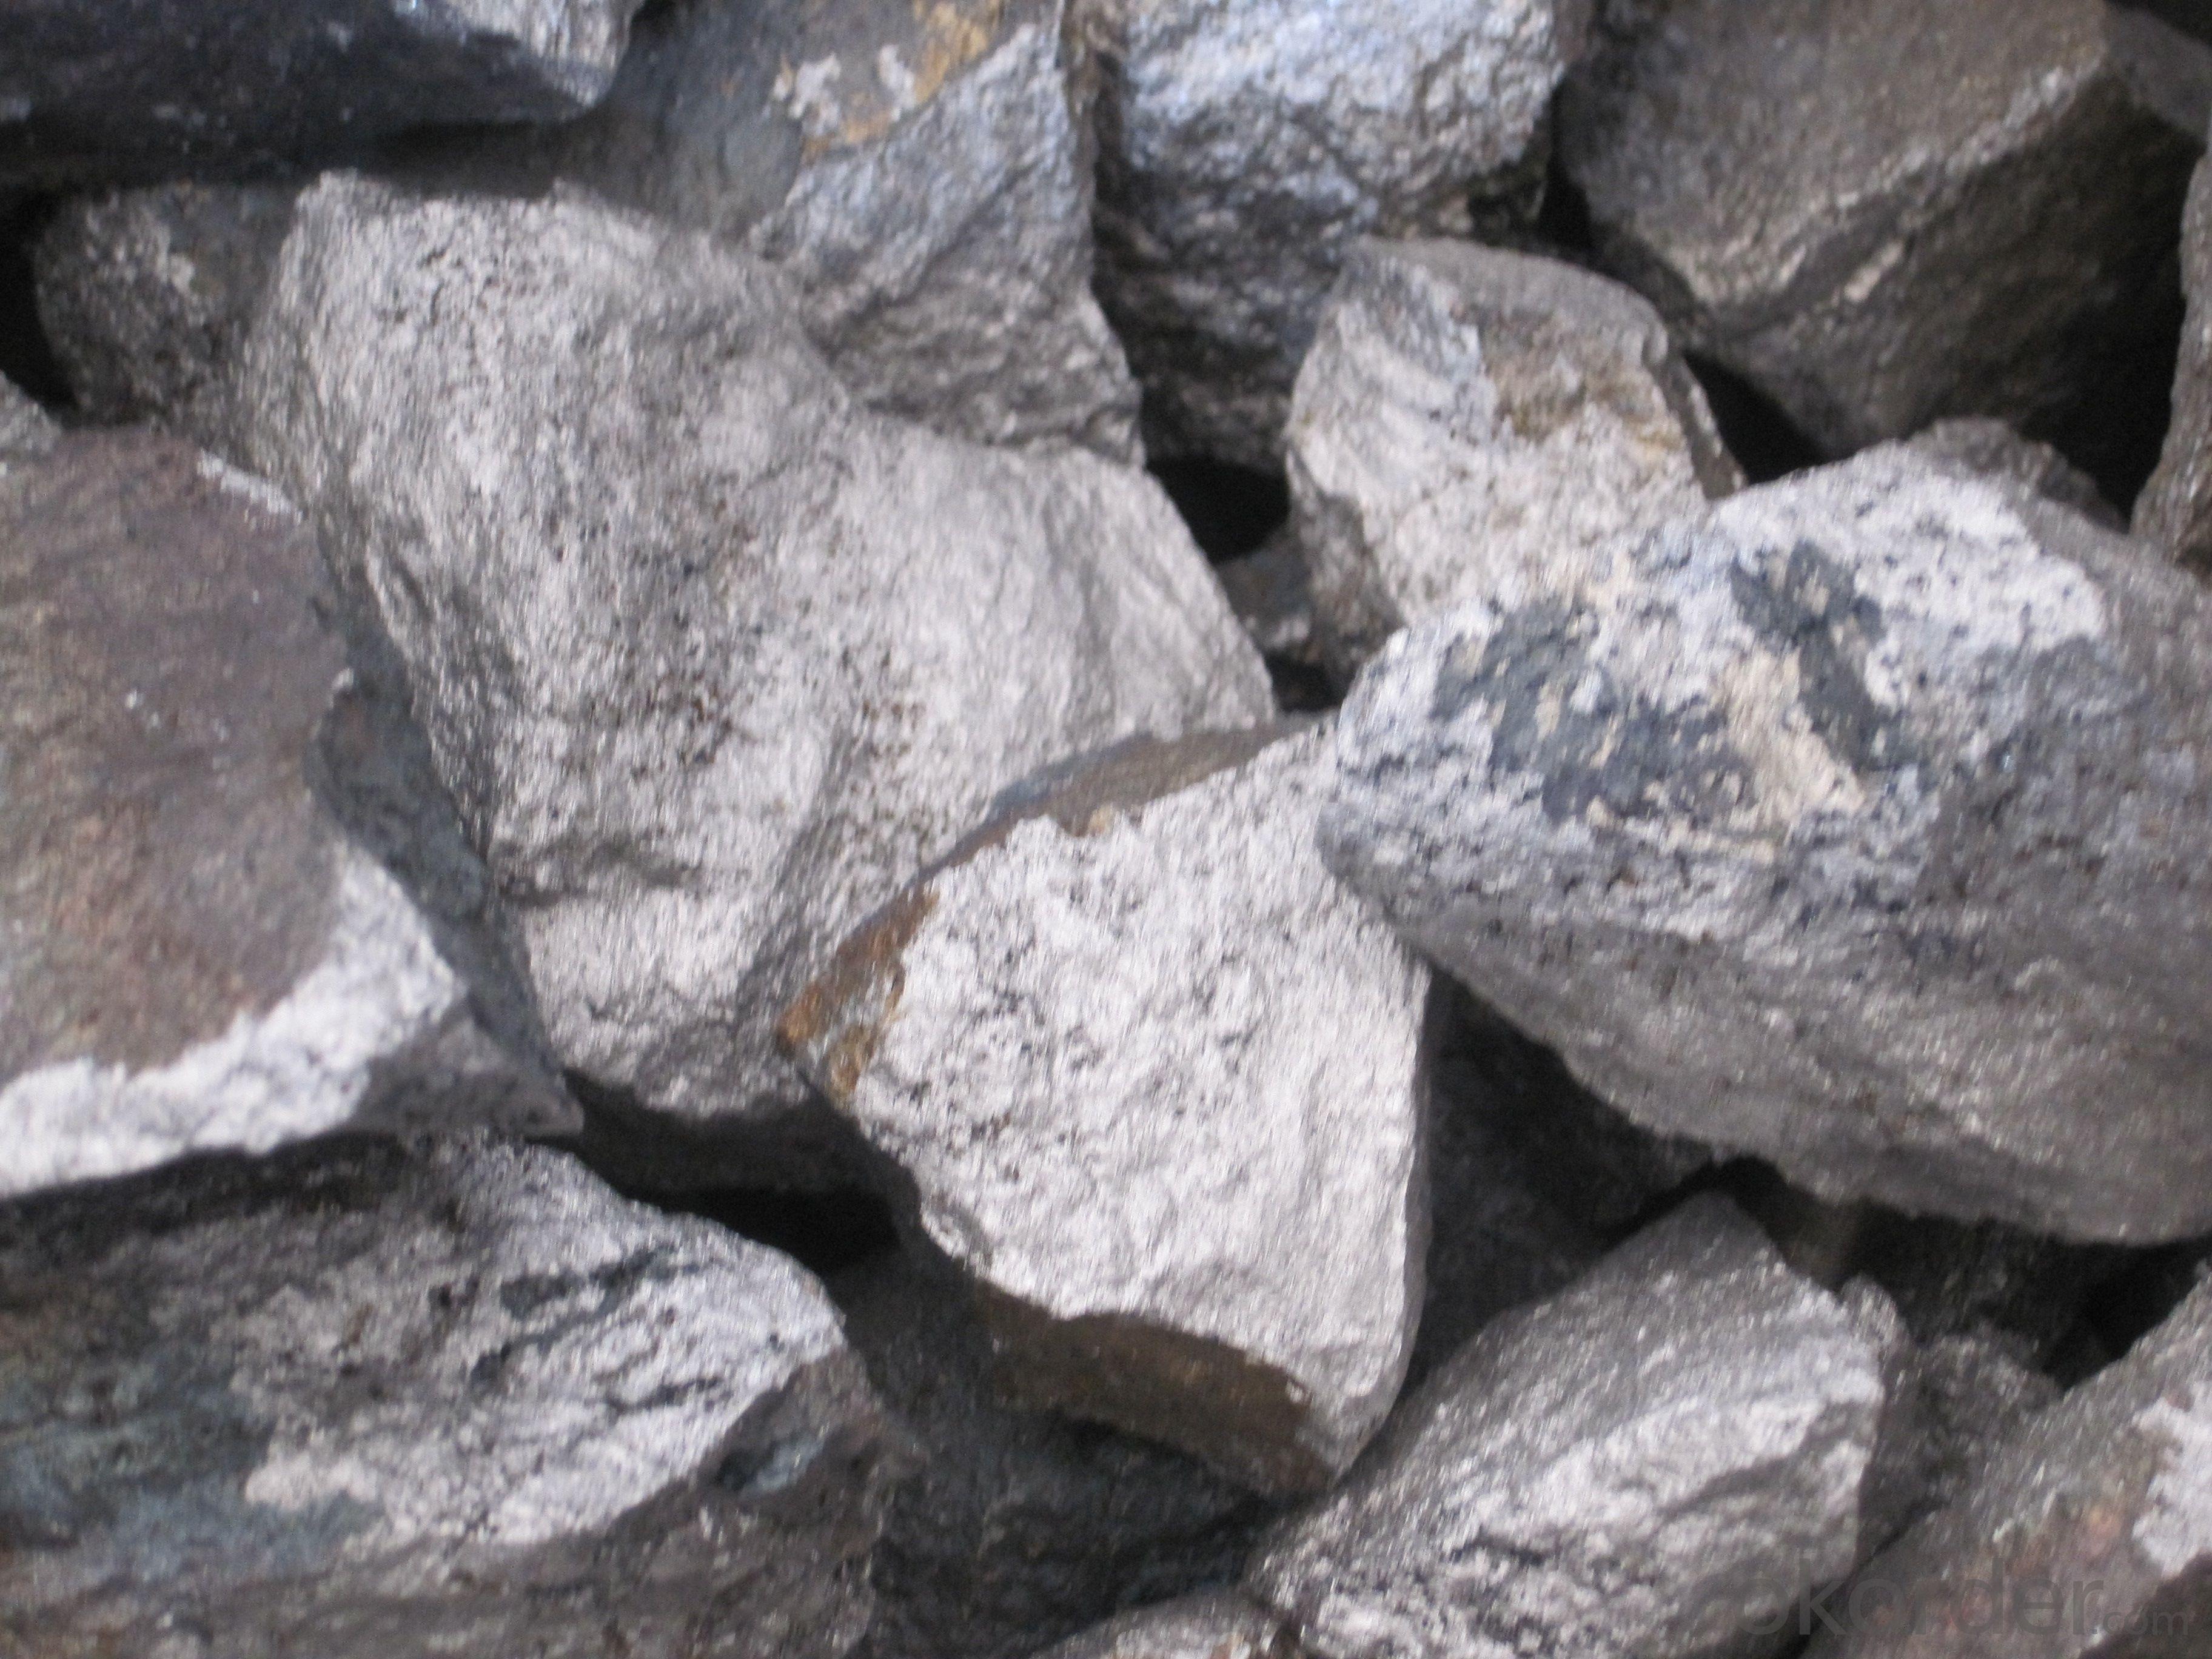 best quality Calcium silicon aluminum barium ferroalloy,SiAlBaCa ferroalloy,China export